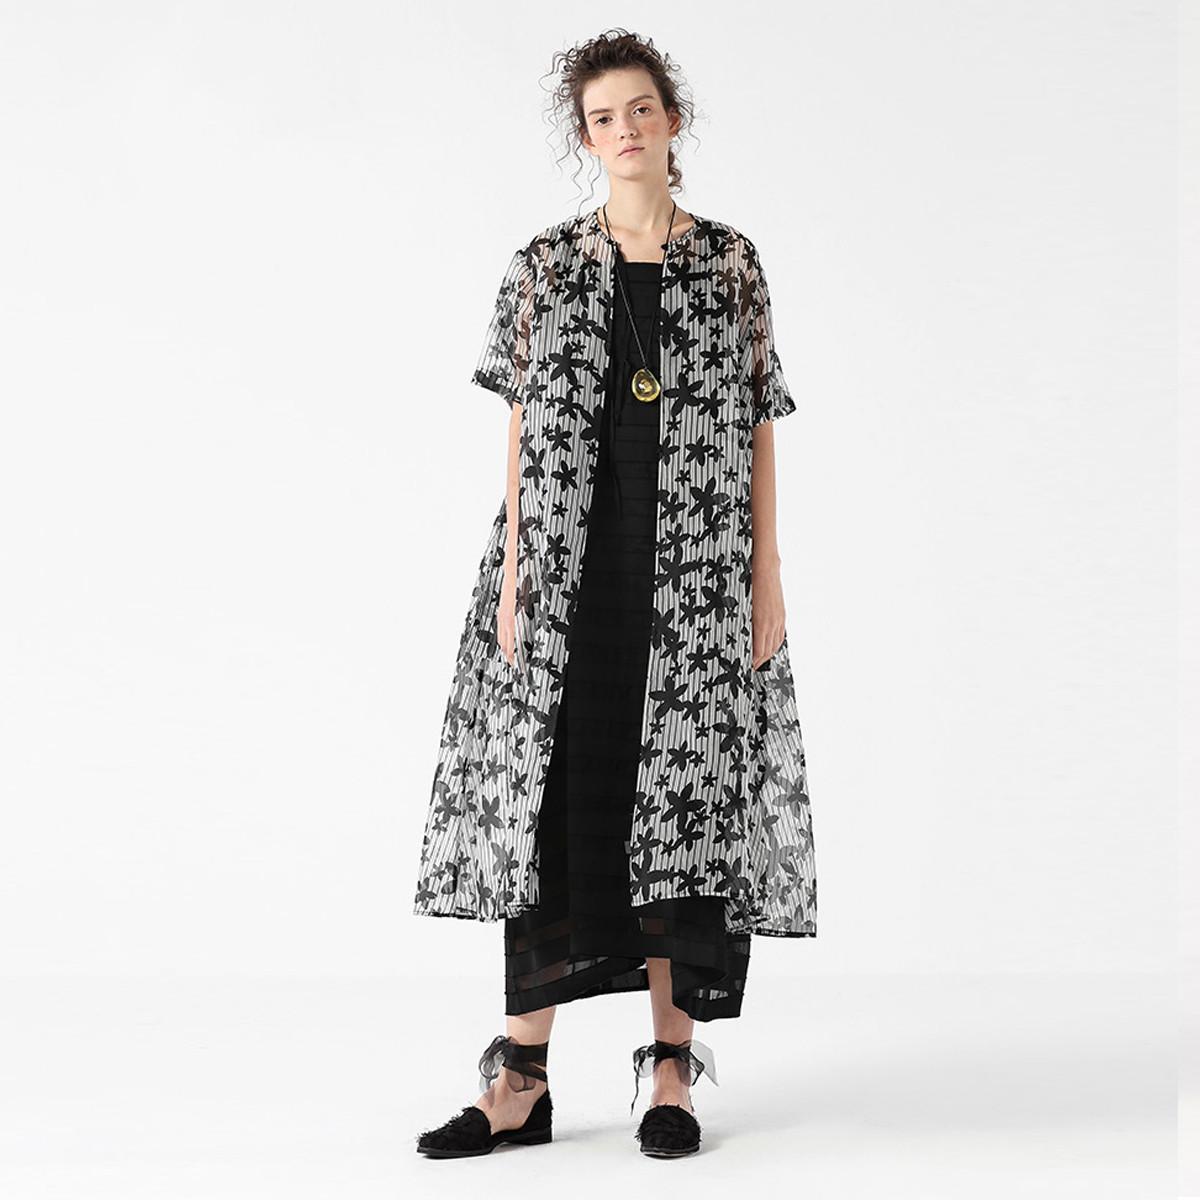 EIN桑蚕丝印花罩衫宽松条纹设计中长款轻薄外套女装新款夏EIN言EH1003021905